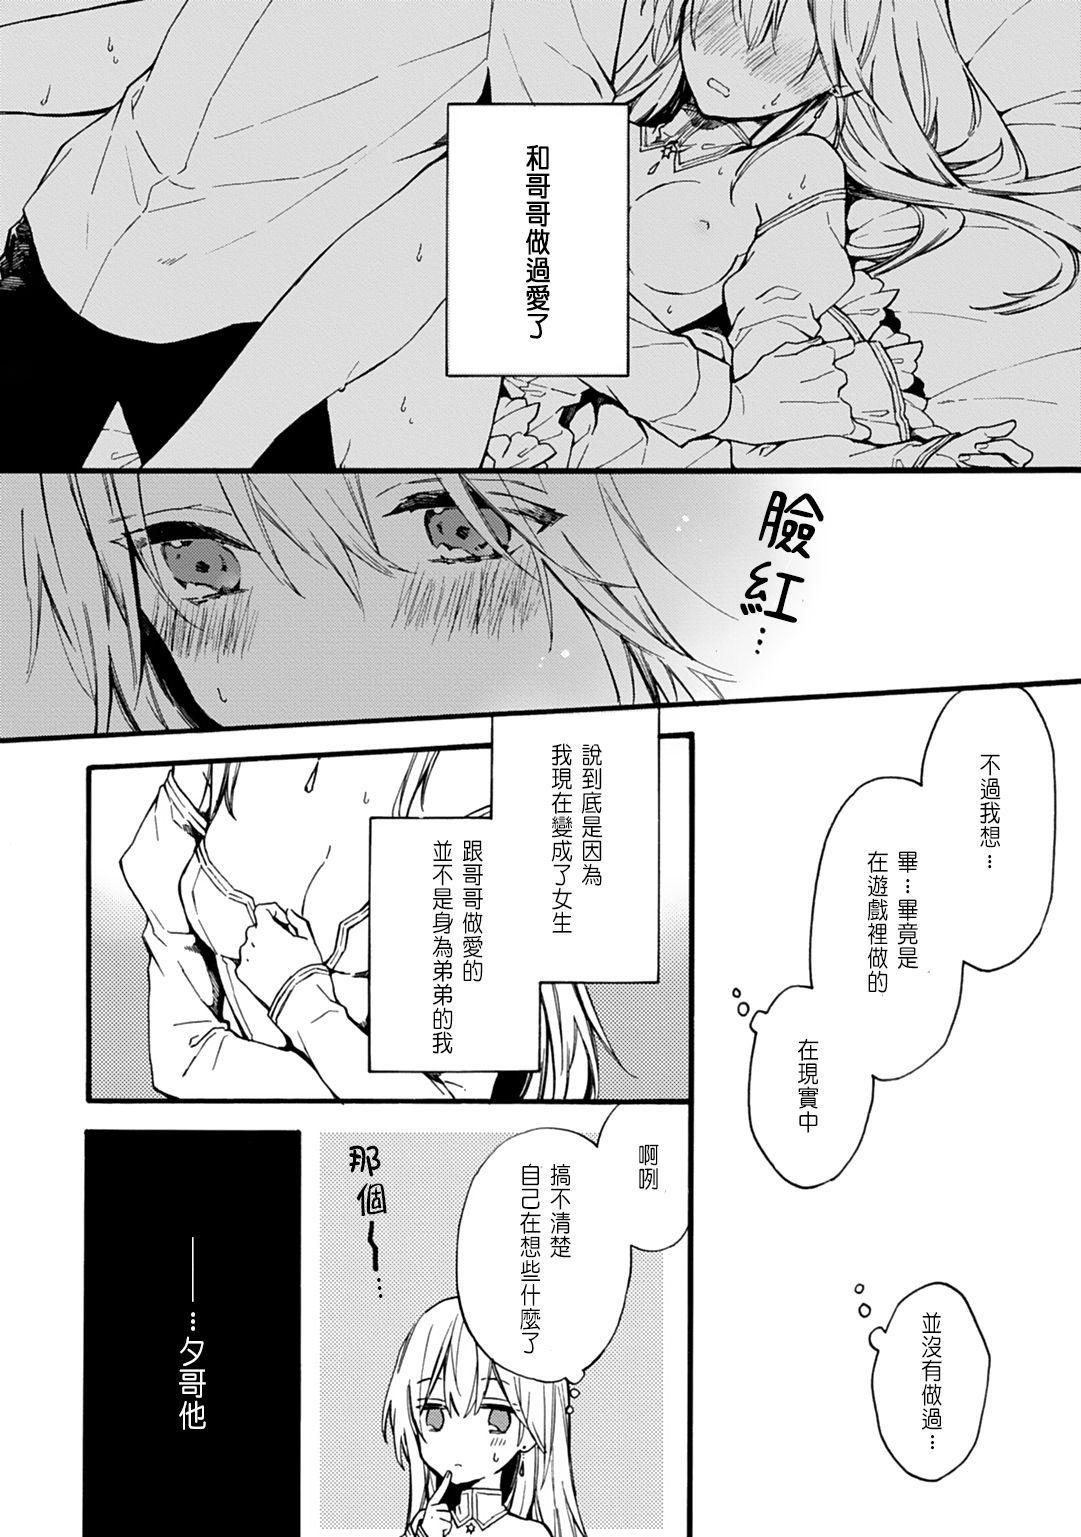 [Suzushiro Nerita] Otomege (18-kin) de Nyotaika shita Ore wa ~Clear Jouken wa Dekiai Ecchi!?~ 1-3 [Chinese] 39